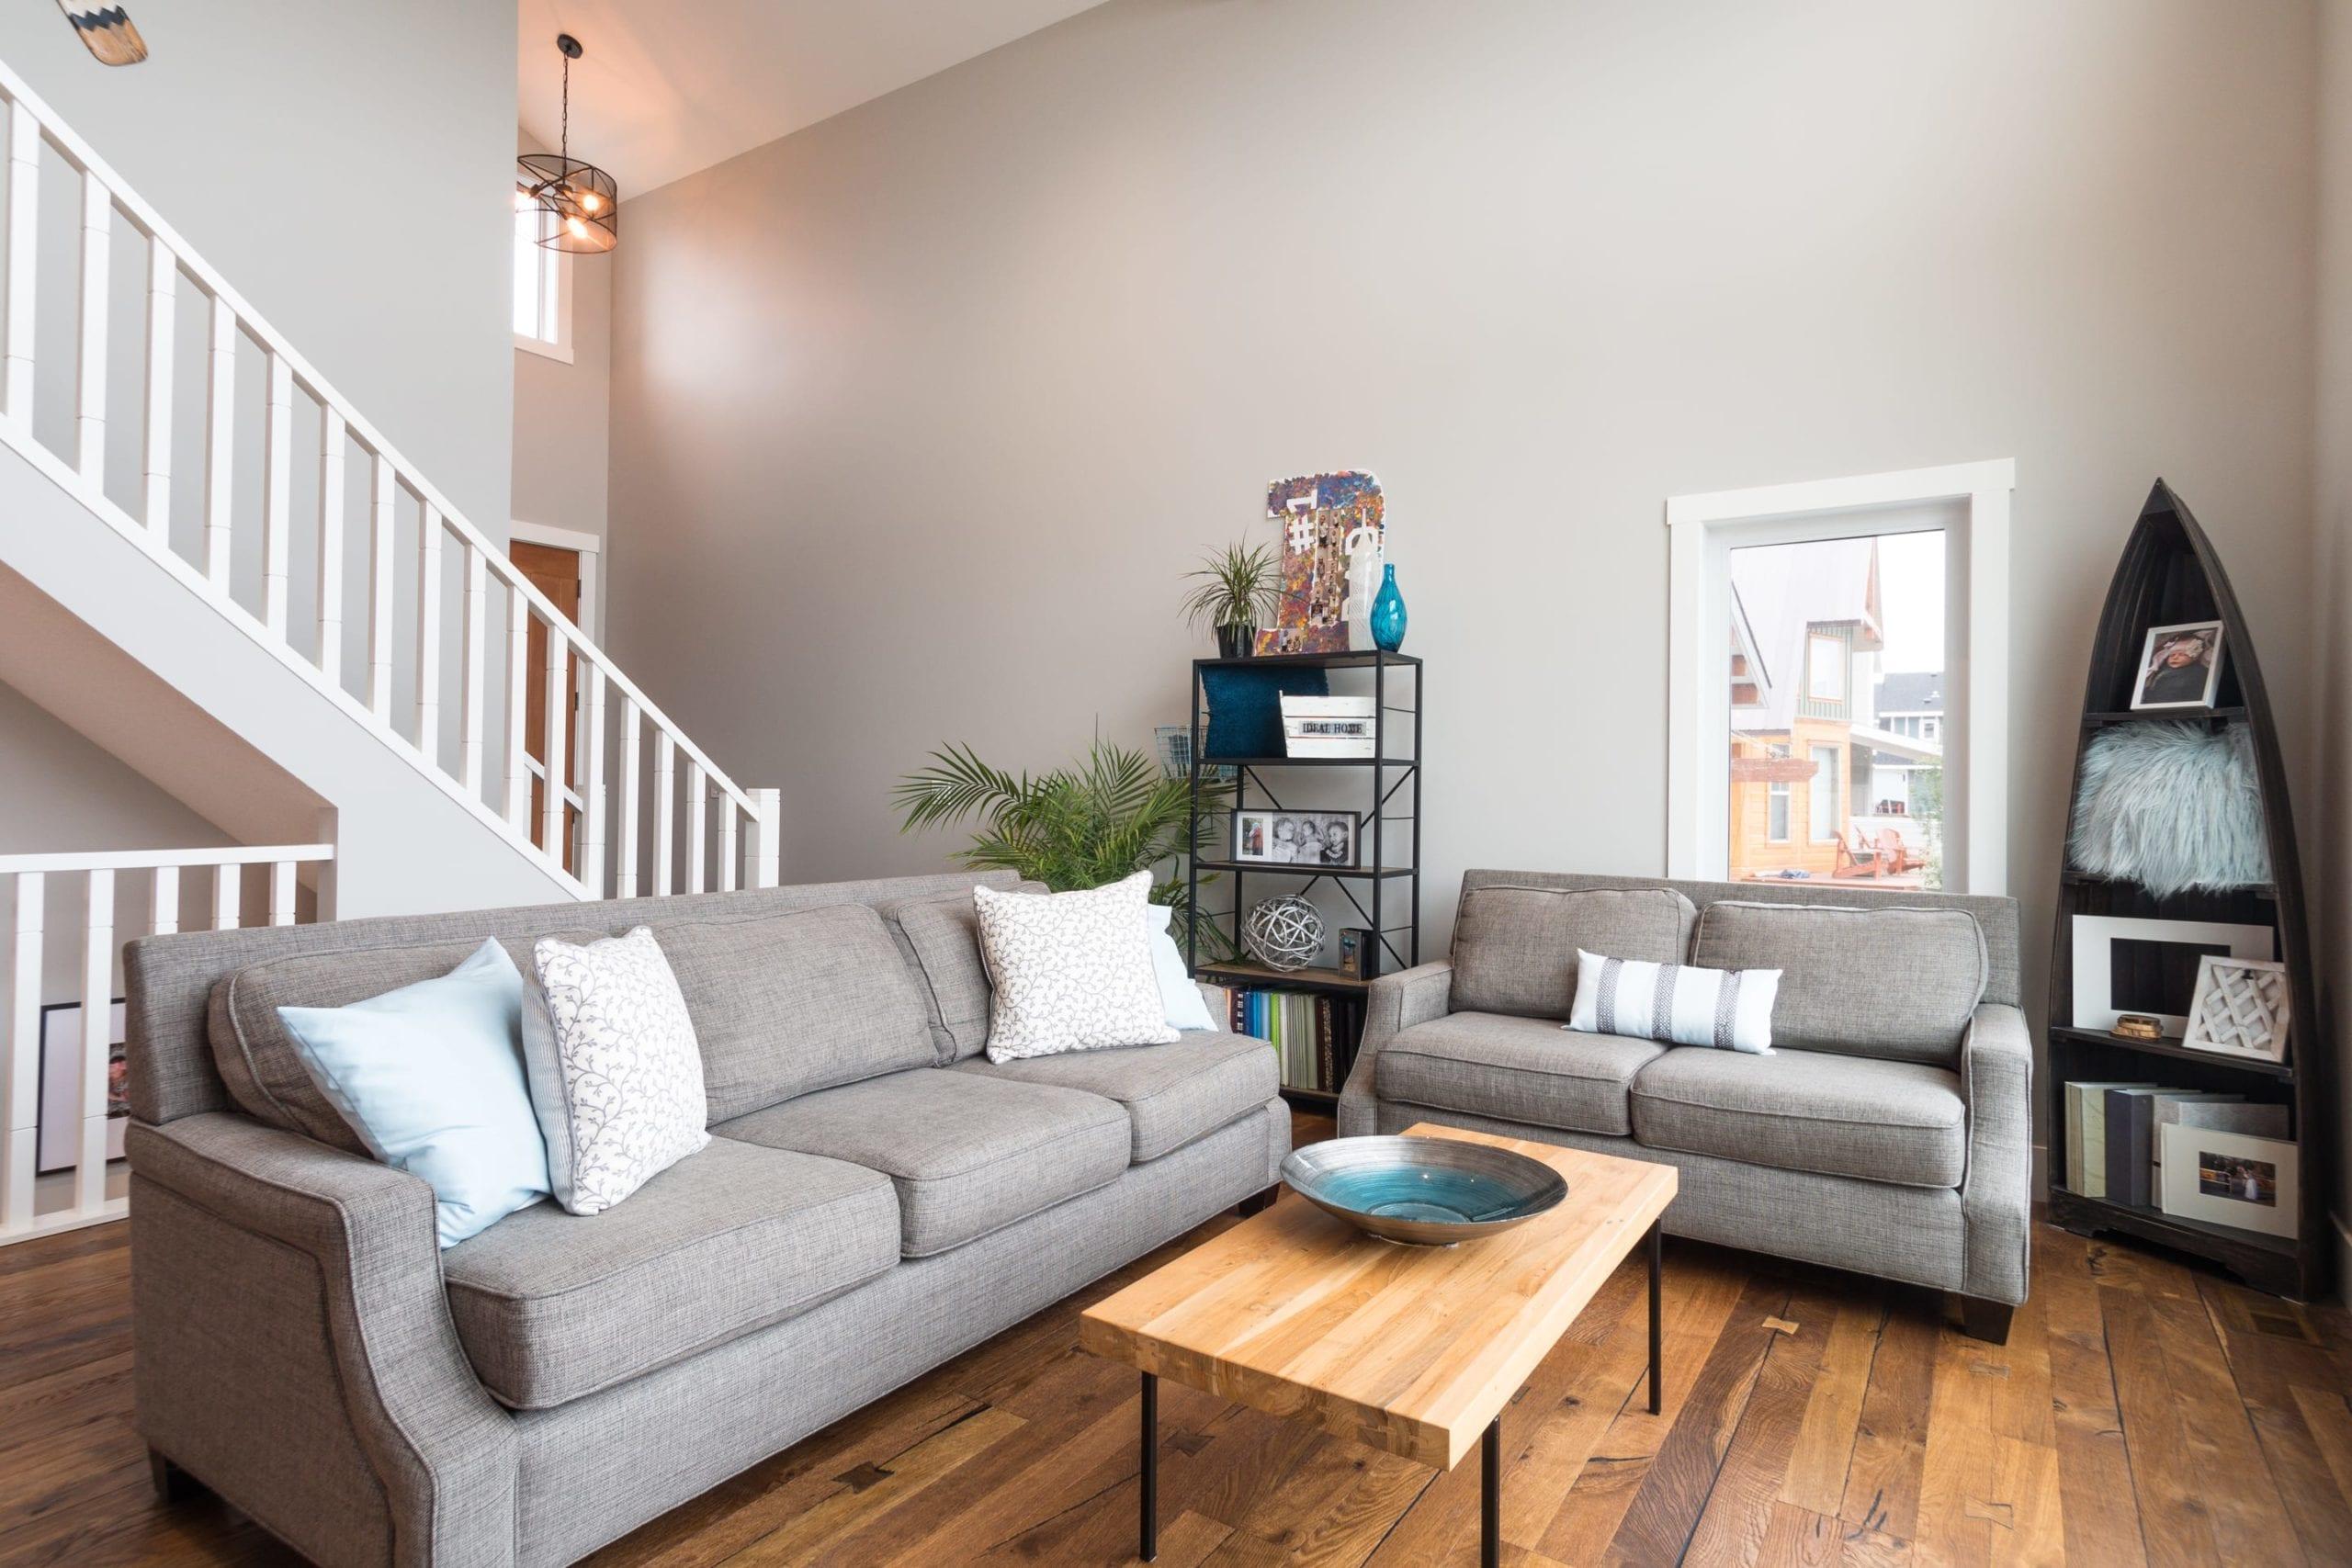 Hello Gorgeous - 302 Cottage Club Way - Tara Molina Real Estate (3 of 43)